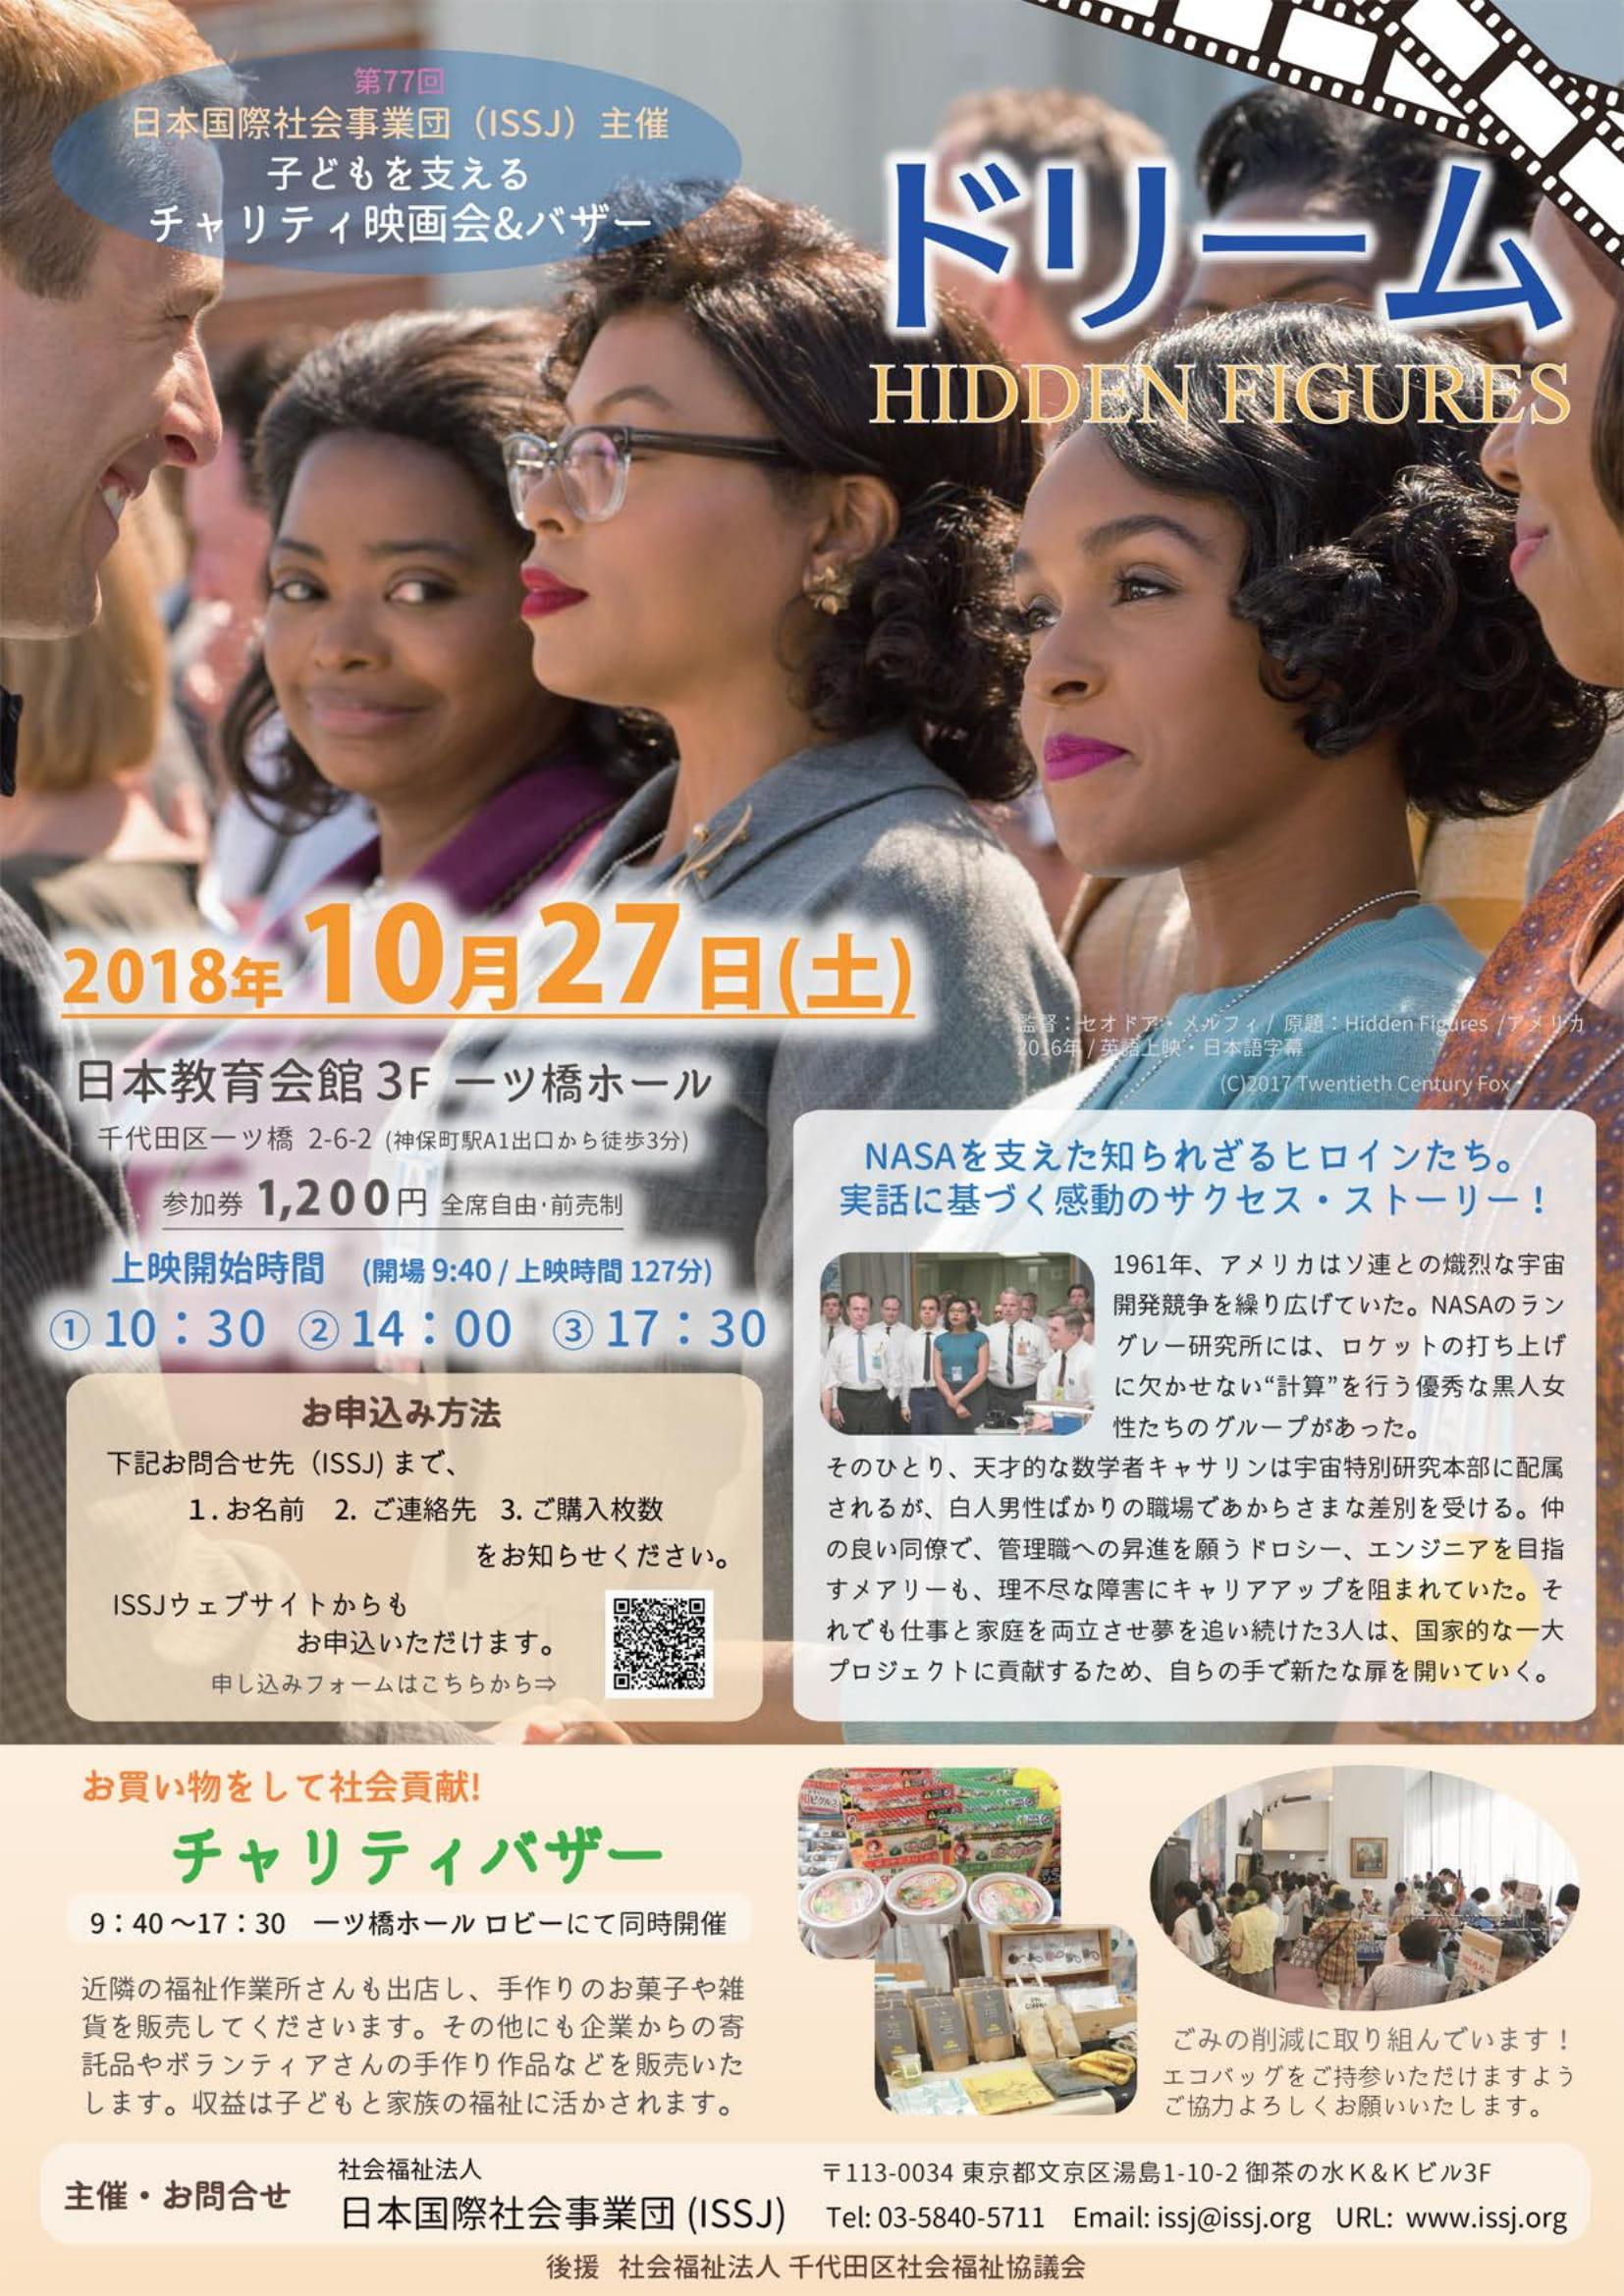 2018年10月27日(土)第77回ISSJチャリティ映画会『ドリーム』に決定!のイメージ